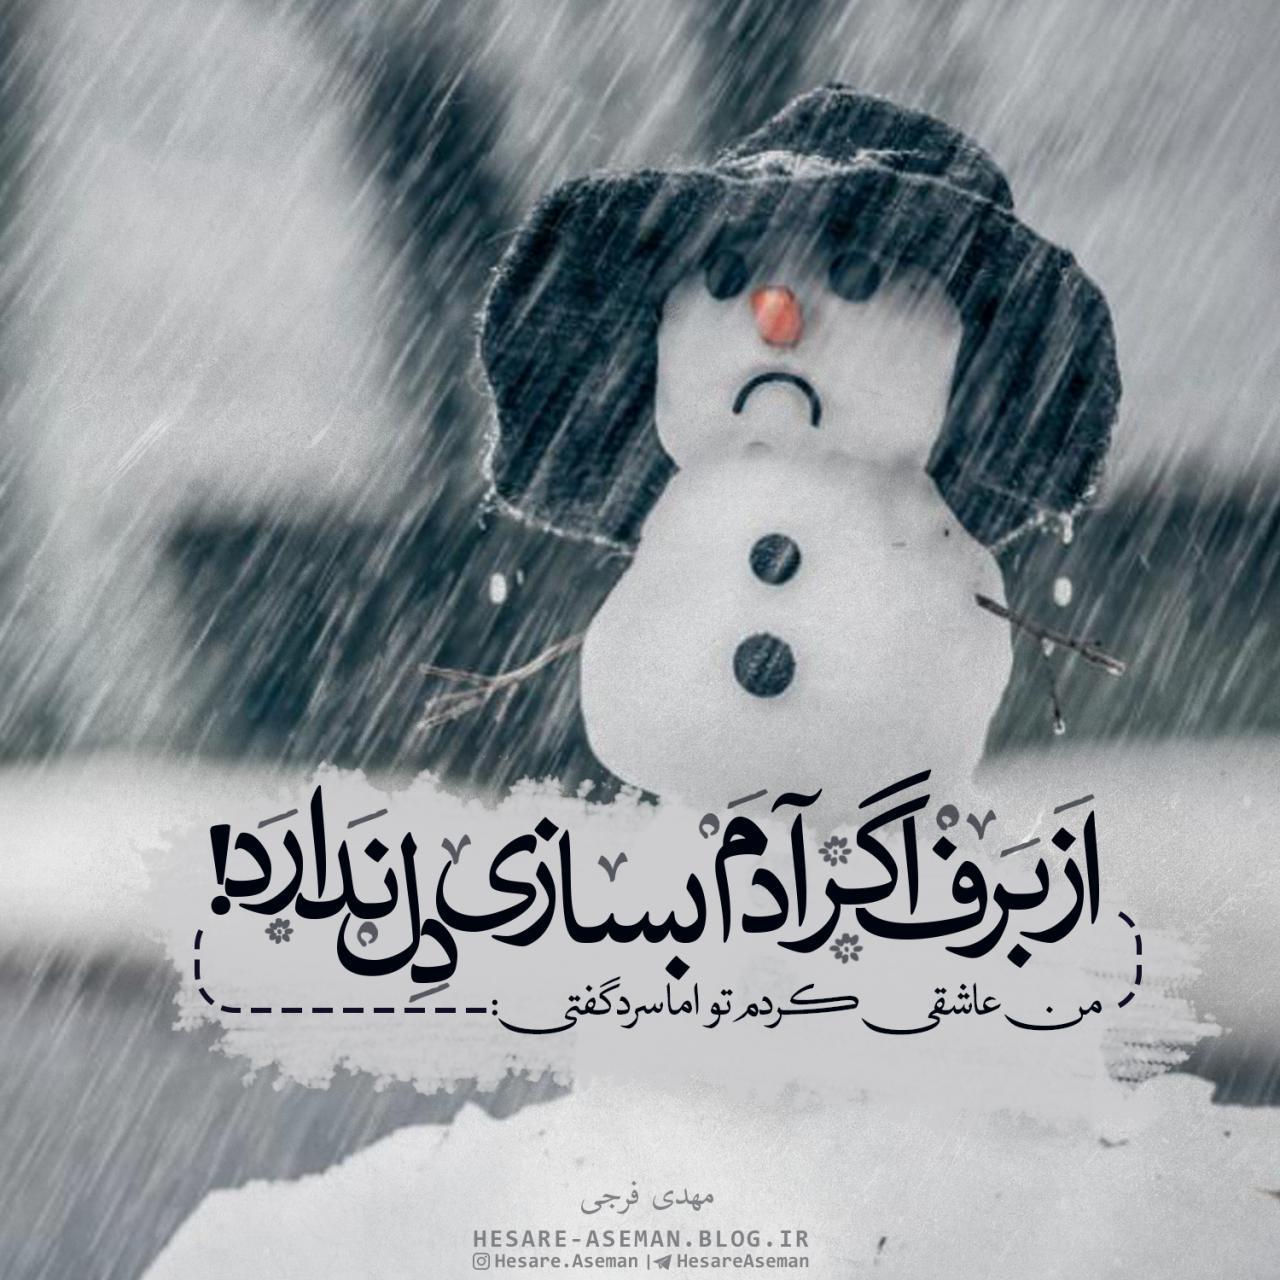 از برف اگر آدم بسازی دل ندارد!